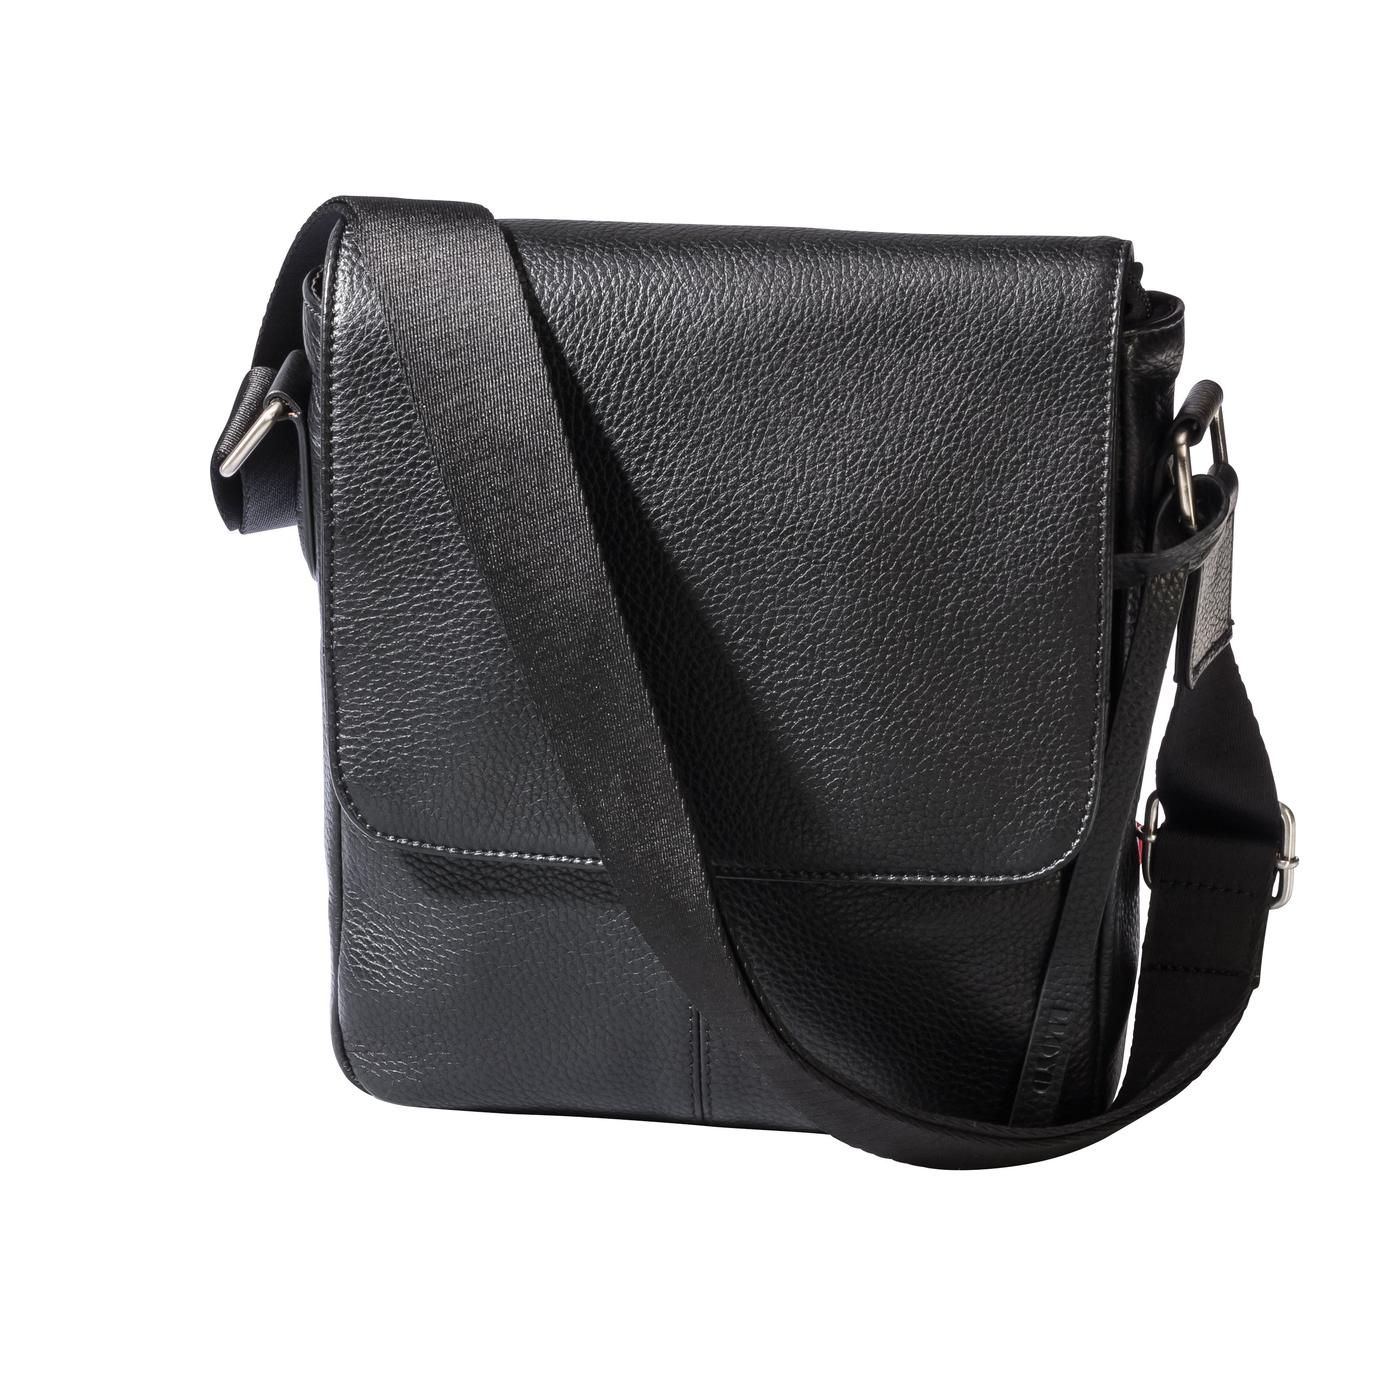 MESSENGERBAG | Taschen > Business Taschen | Schwarz | Glattleder -  polyester ) | LLOYD